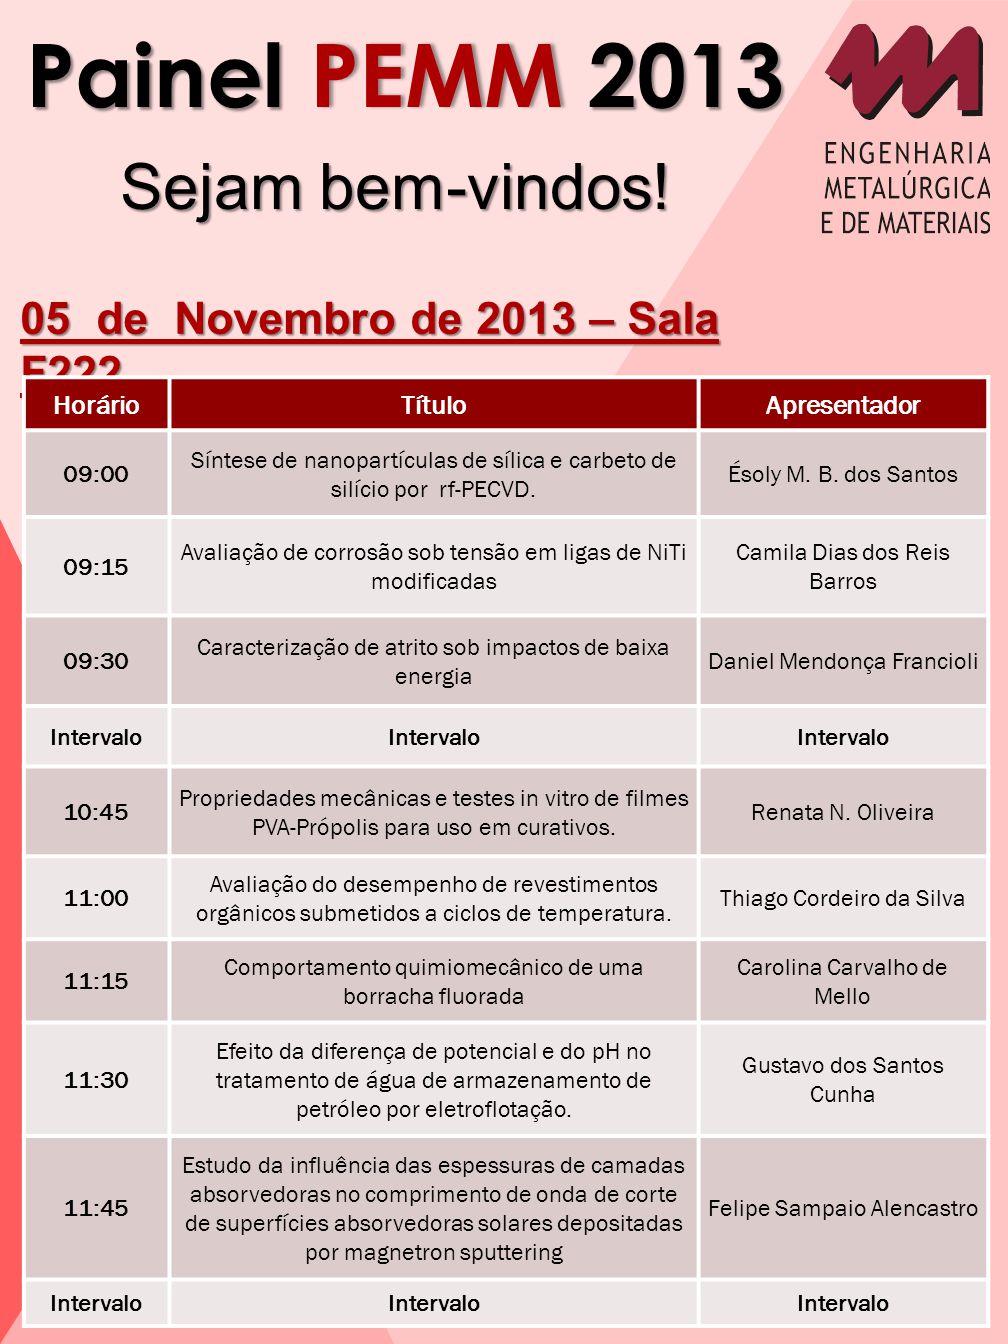 Painel PEMM 2013 Sejam bem-vindos! 05 de Novembro de 2013 – Sala F222 HorárioTítuloApresentador 09:00 Síntese de nanopartículas de sílica e carbeto de